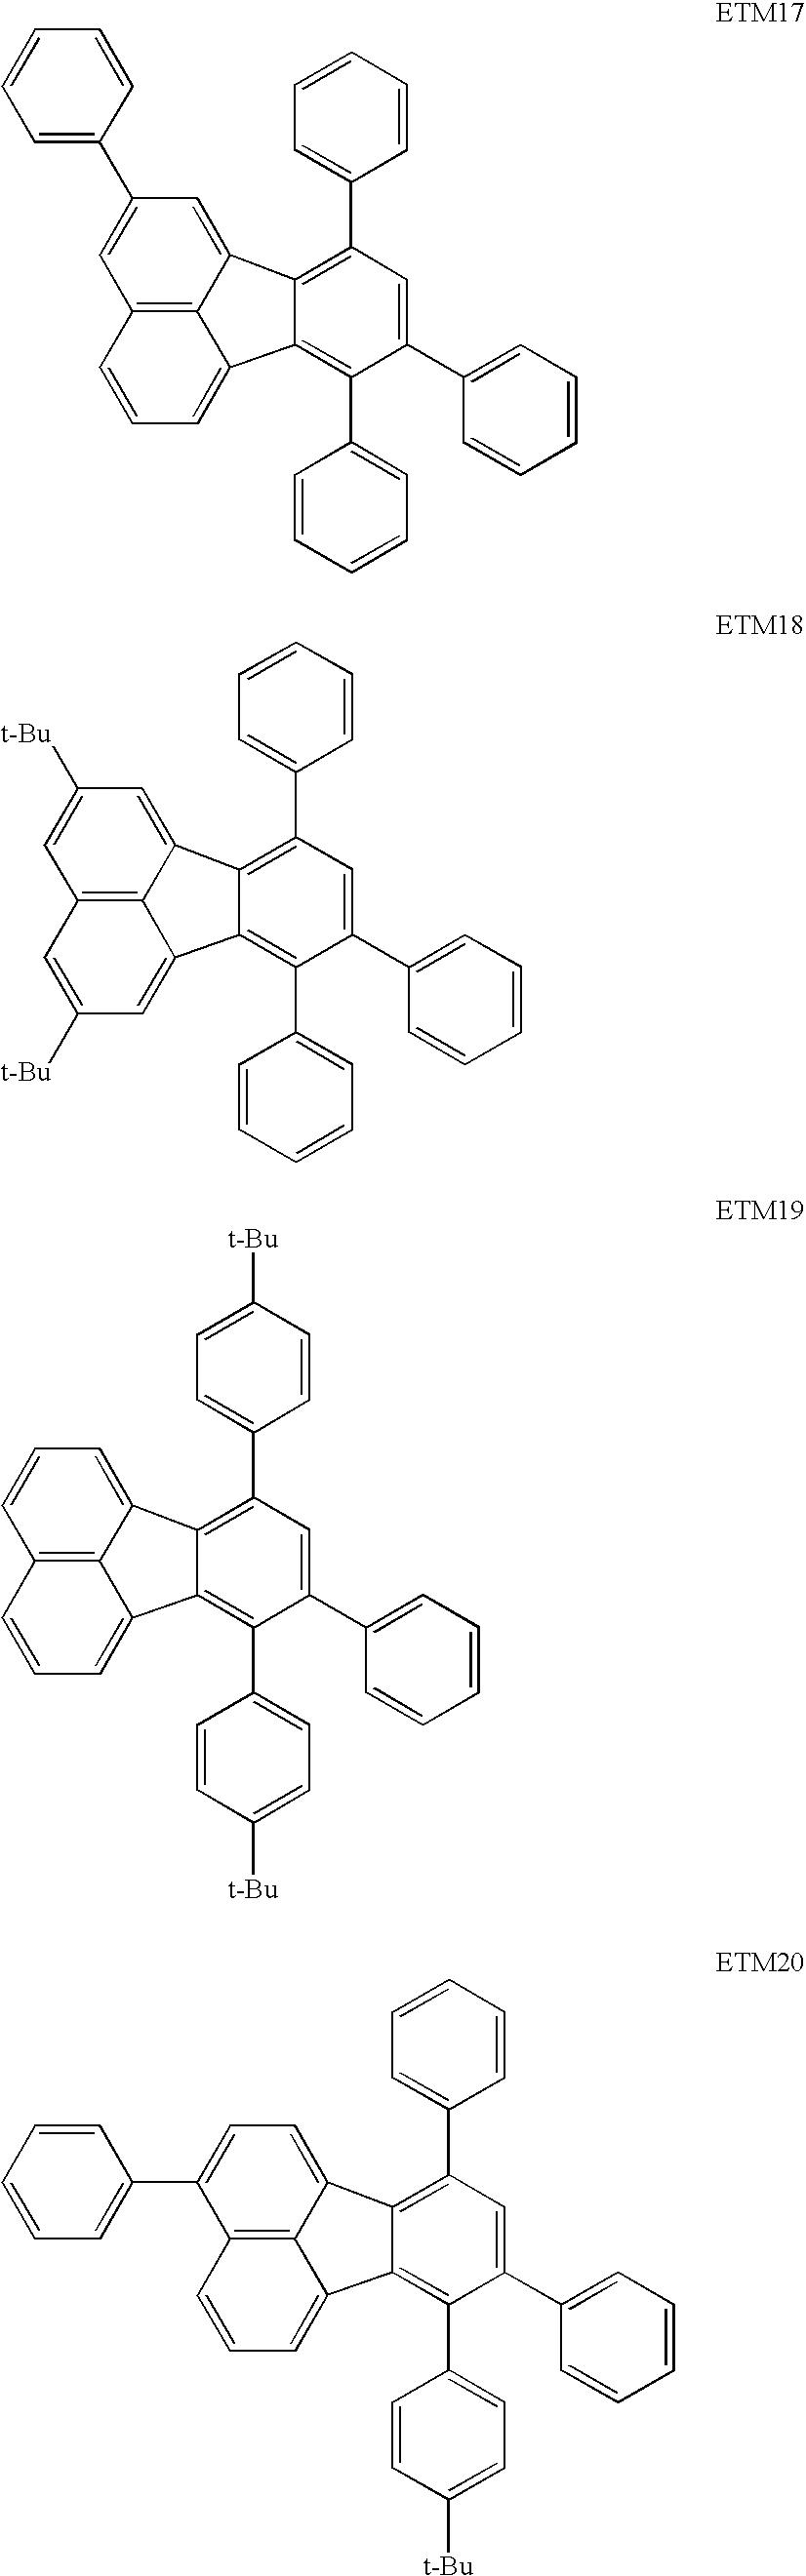 Figure US08420229-20130416-C00010